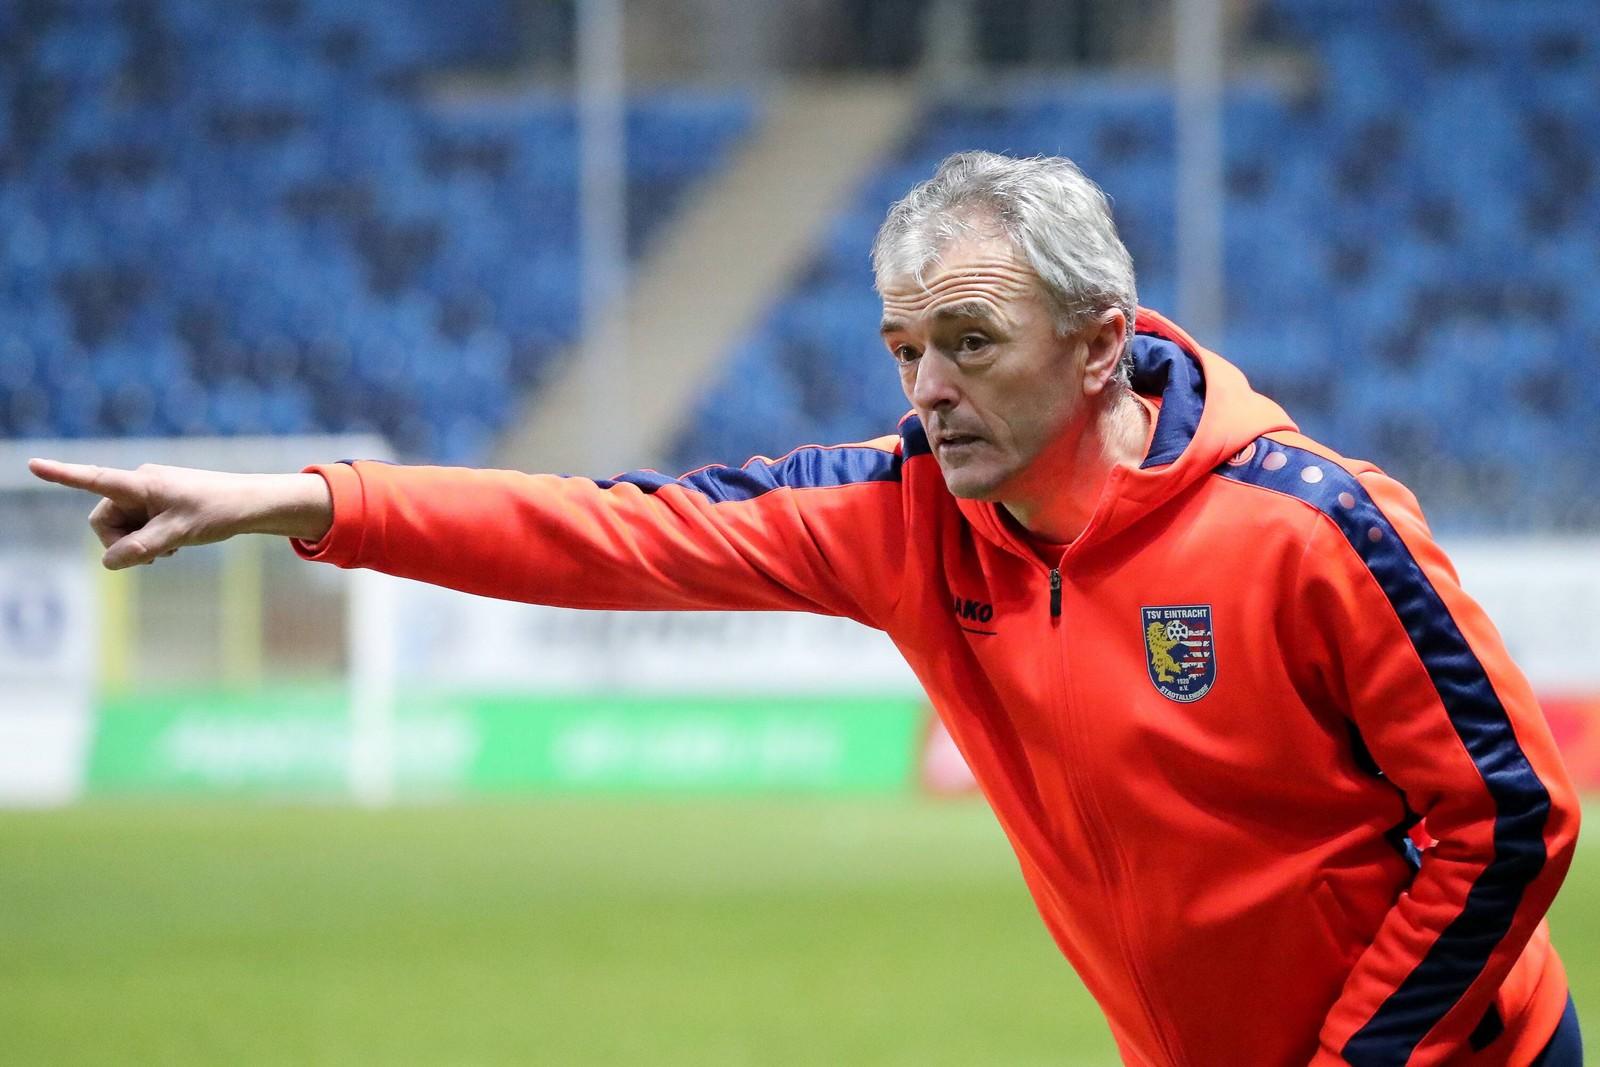 Dragan Sicaja übernahm im März 2012 das Traineramt bei den Hessen.